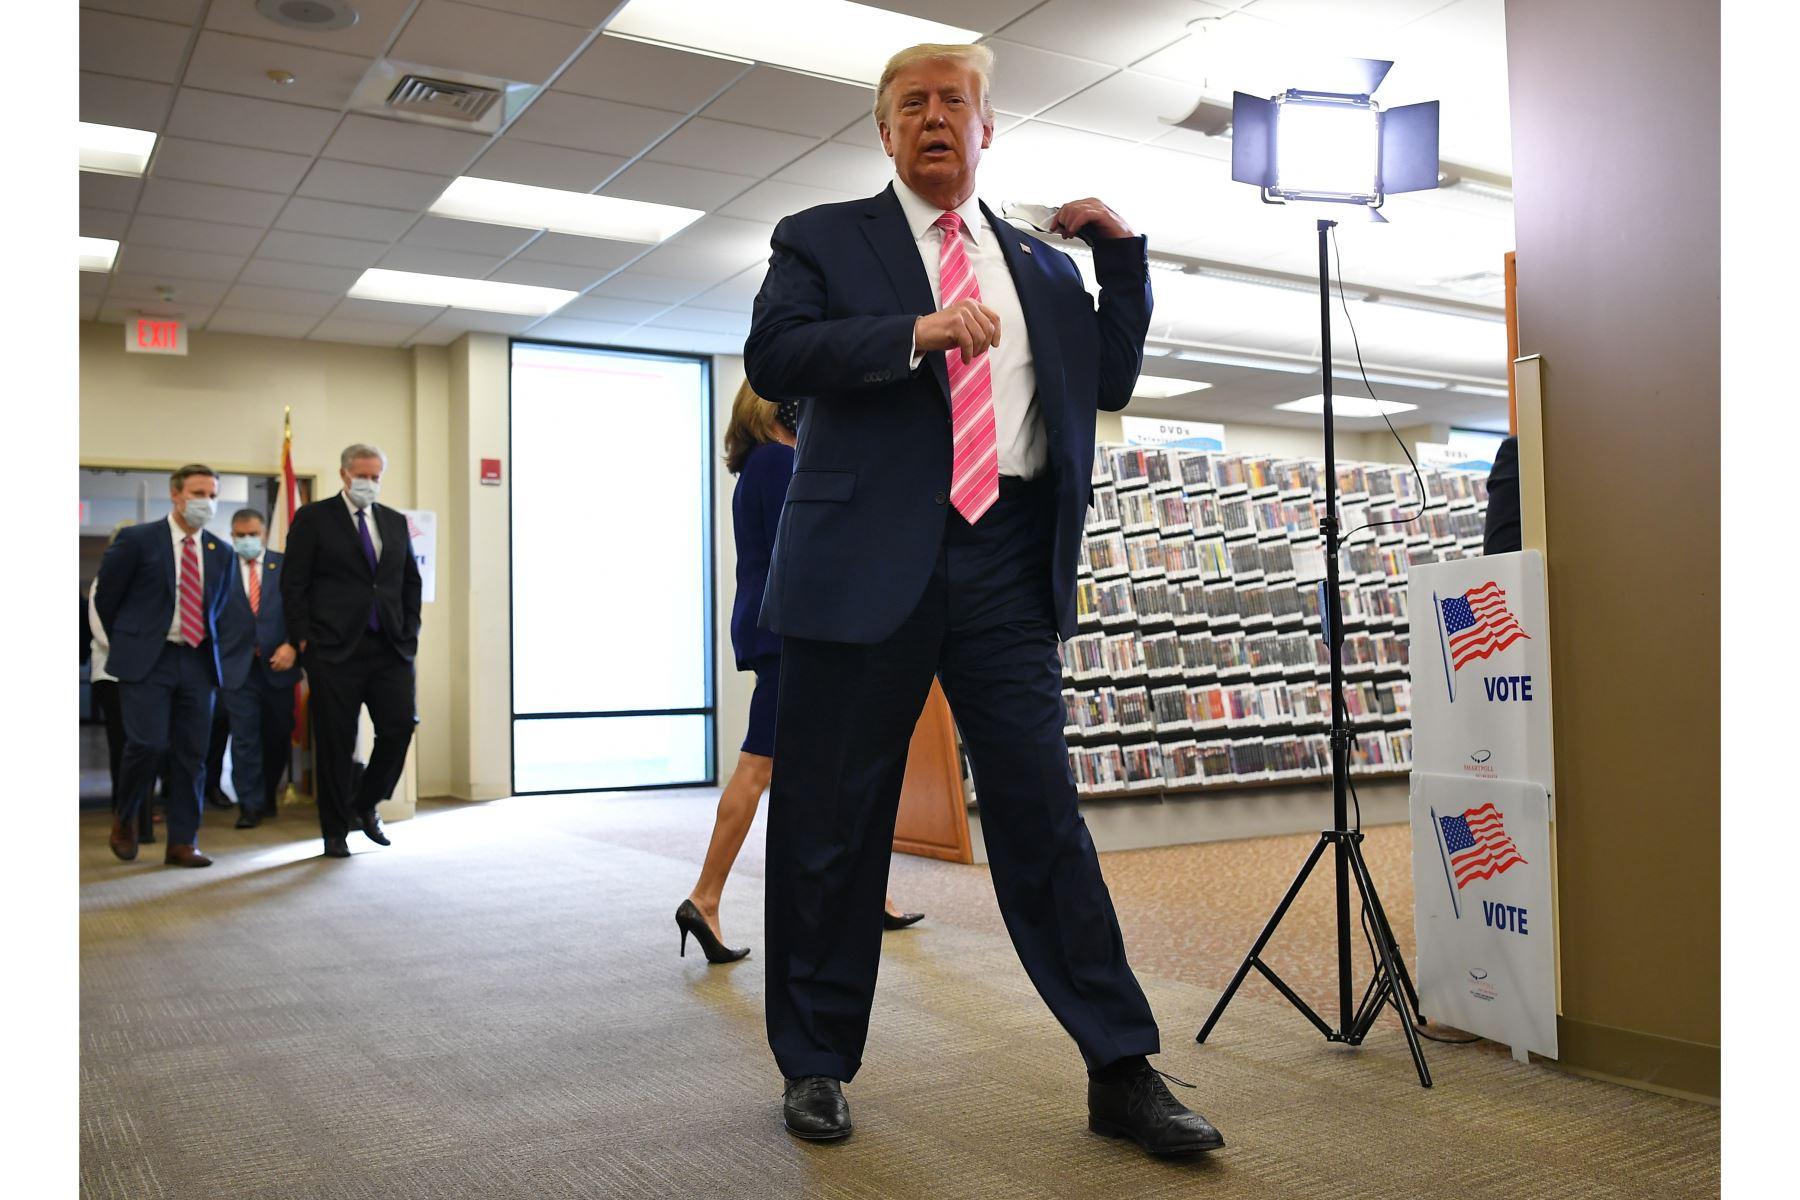 El presidente de los Estados Unidos, Donald Trump, se retira la mascarilla tras emitir su voto colegio electoral para emitir su voto en la Biblioteca Pública del Condado de Palm Beach, durante la votación anticipada para las elecciones del 3 de noviembre, en West Palm Beach, Florida. Foto: AFP